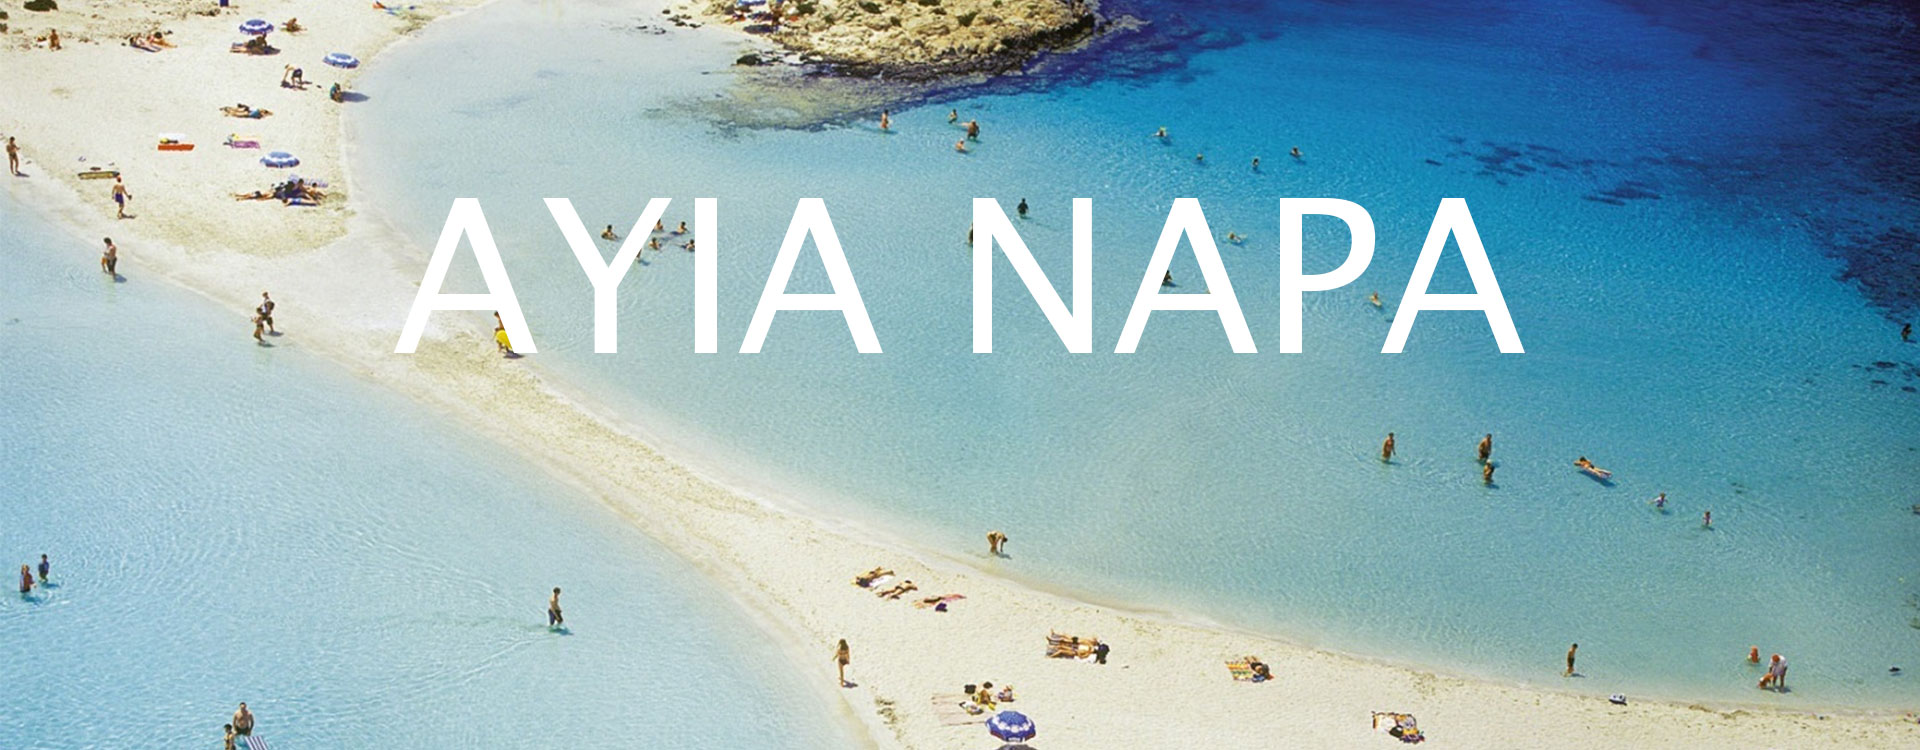 ساحل نیسی آیاناپا قبرس اروپایی